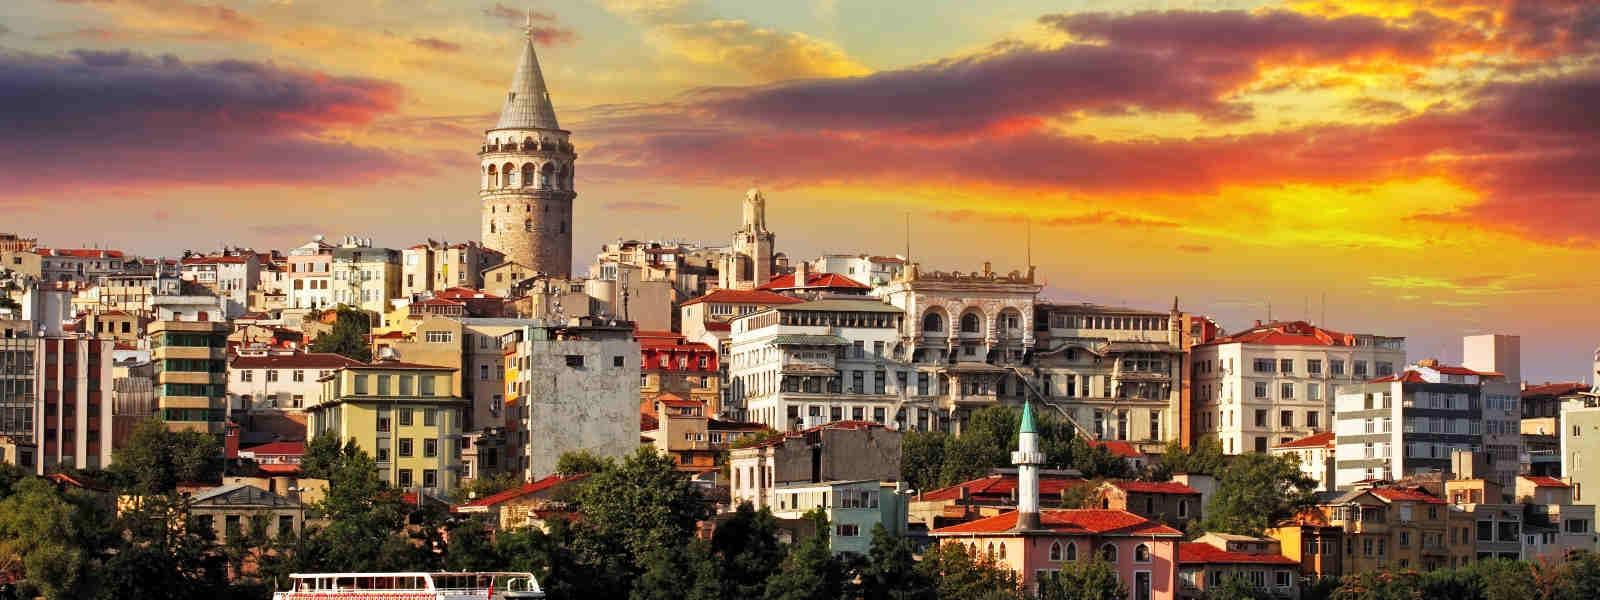 g nstige fl ge fernbusse und bahntickets nach istanbul. Black Bedroom Furniture Sets. Home Design Ideas